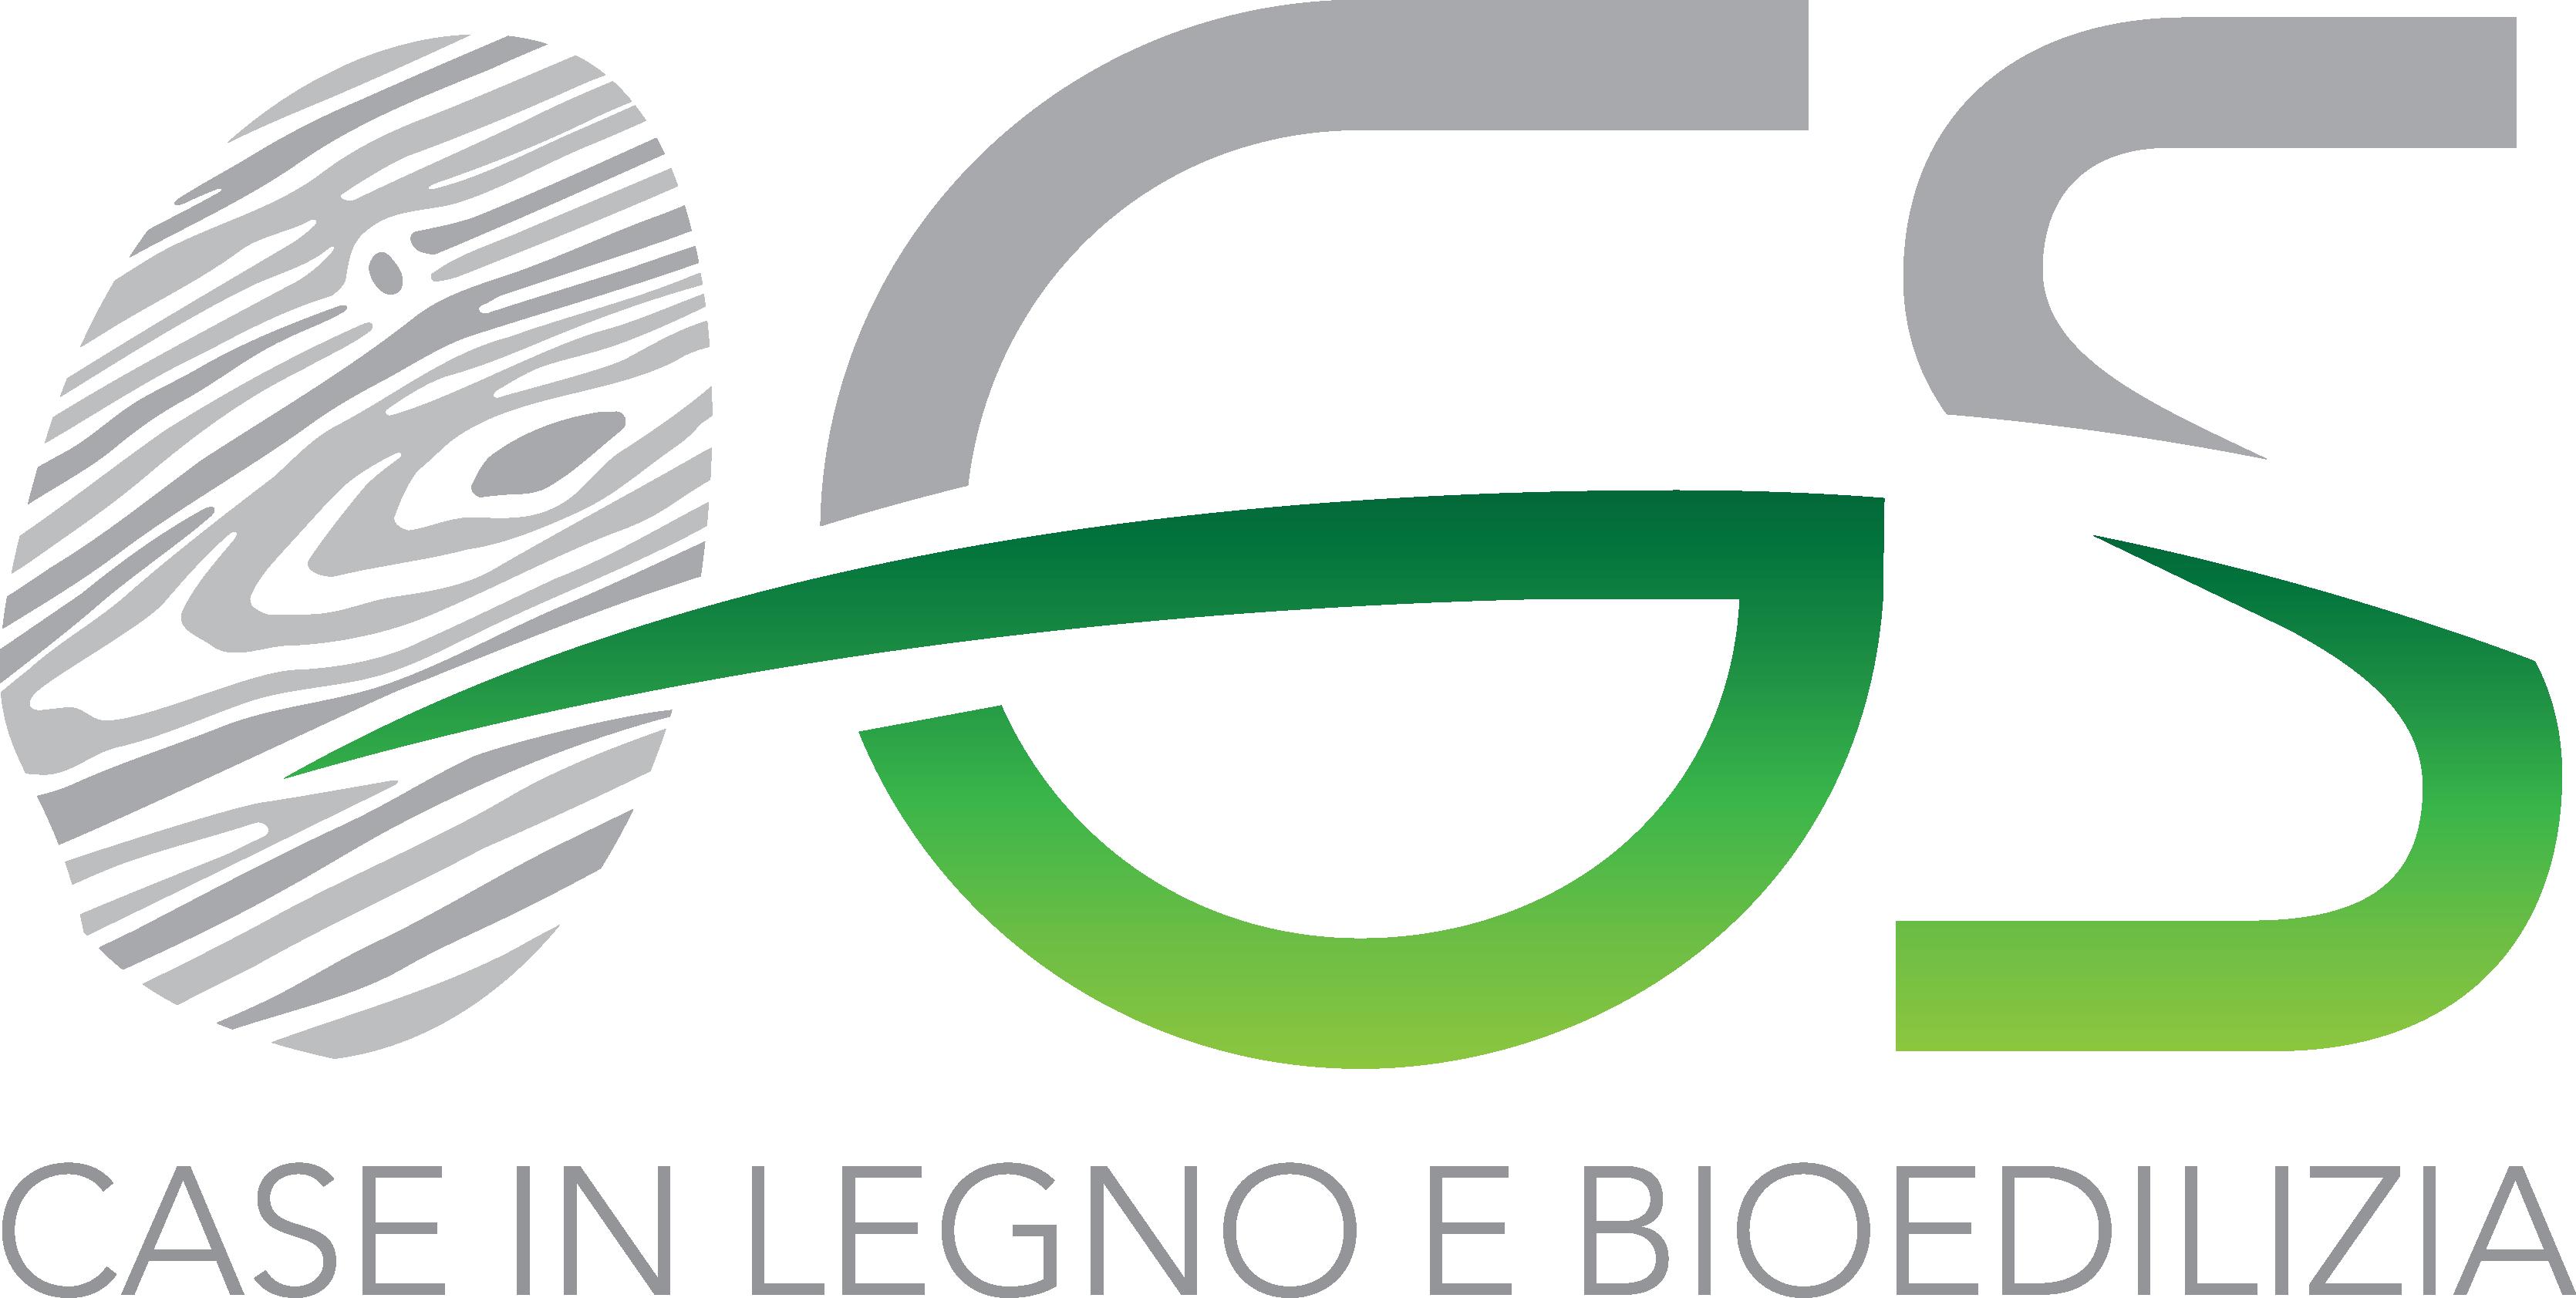 GS Case in legno e bioedilizia